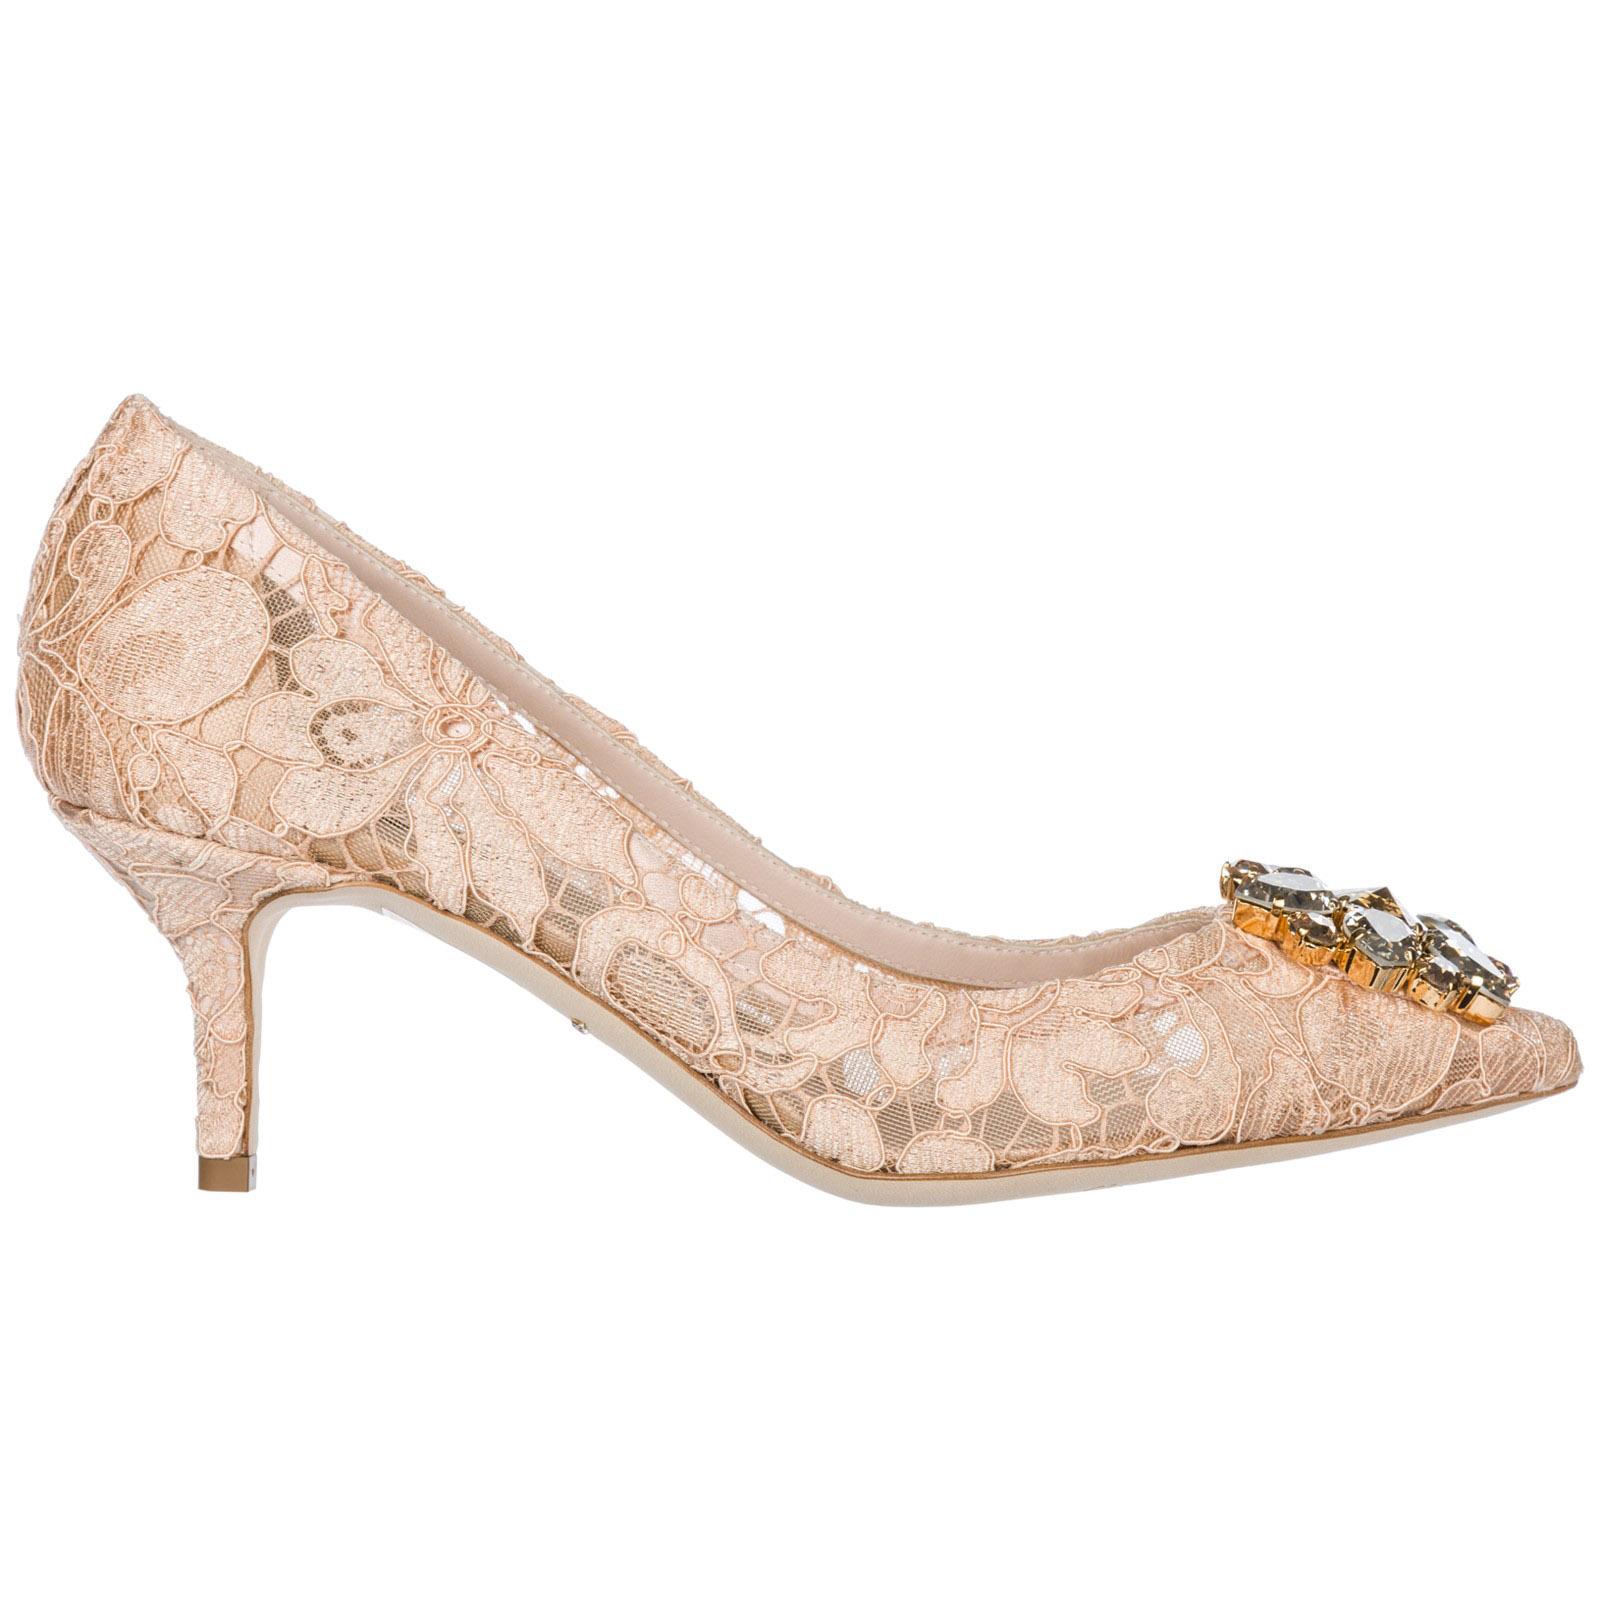 5b457d5c242 Escarpin Dolce Gabbana Bellucci CD0066AL19880240 rosa